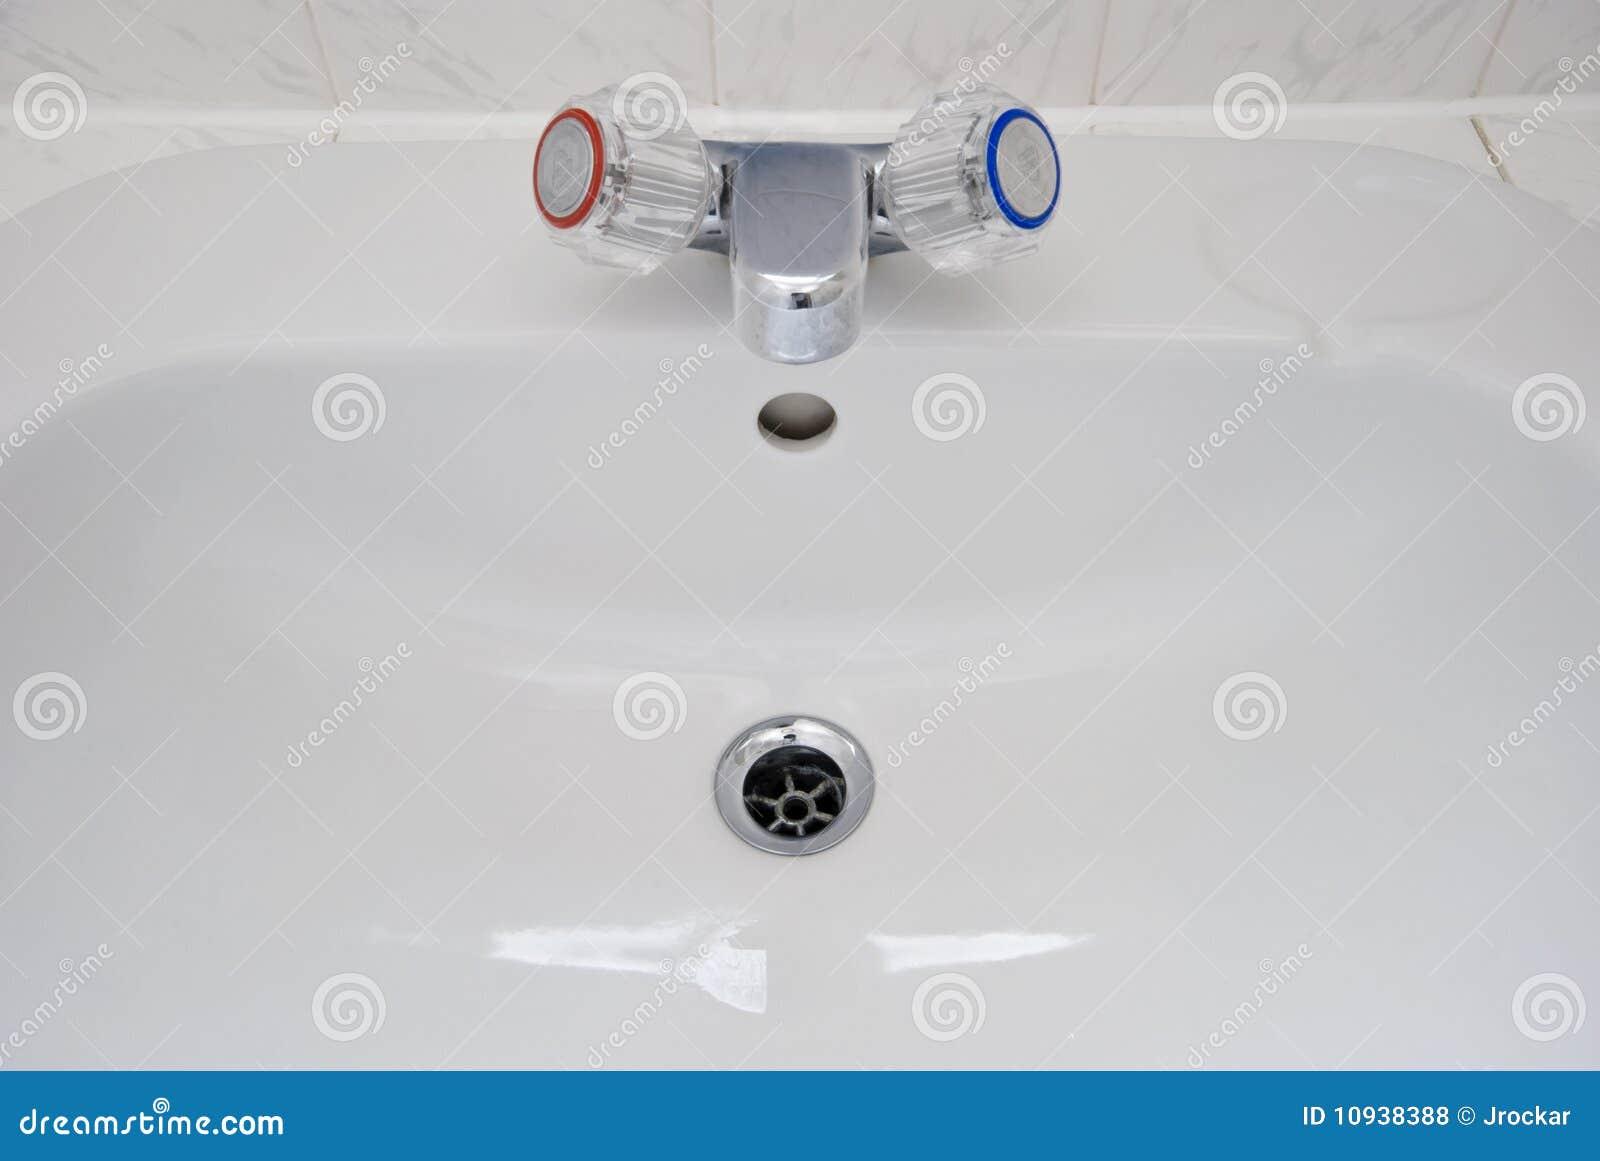 раковина ванной комнаты